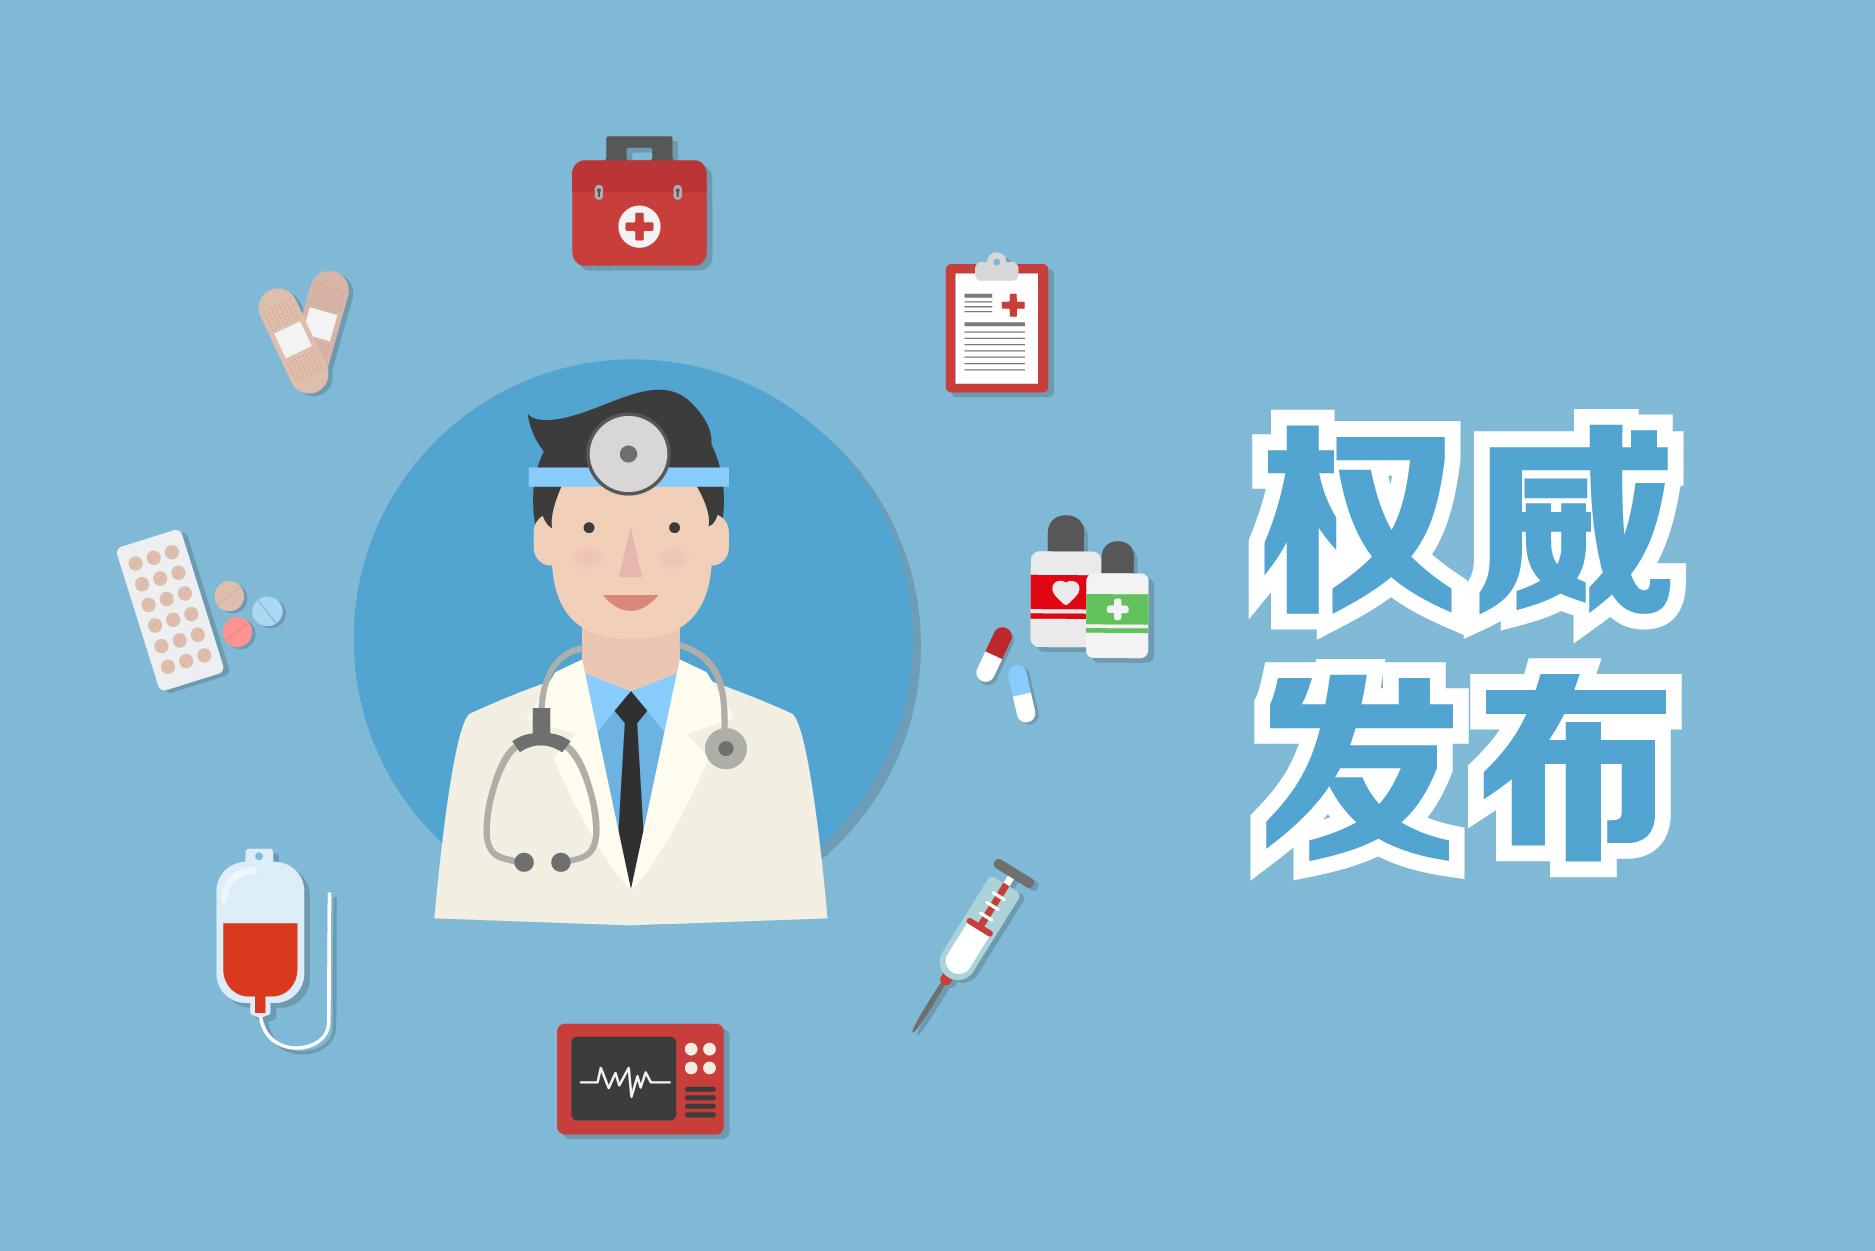 李克强:高血压、糖尿病等慢病用药医保要报销50%